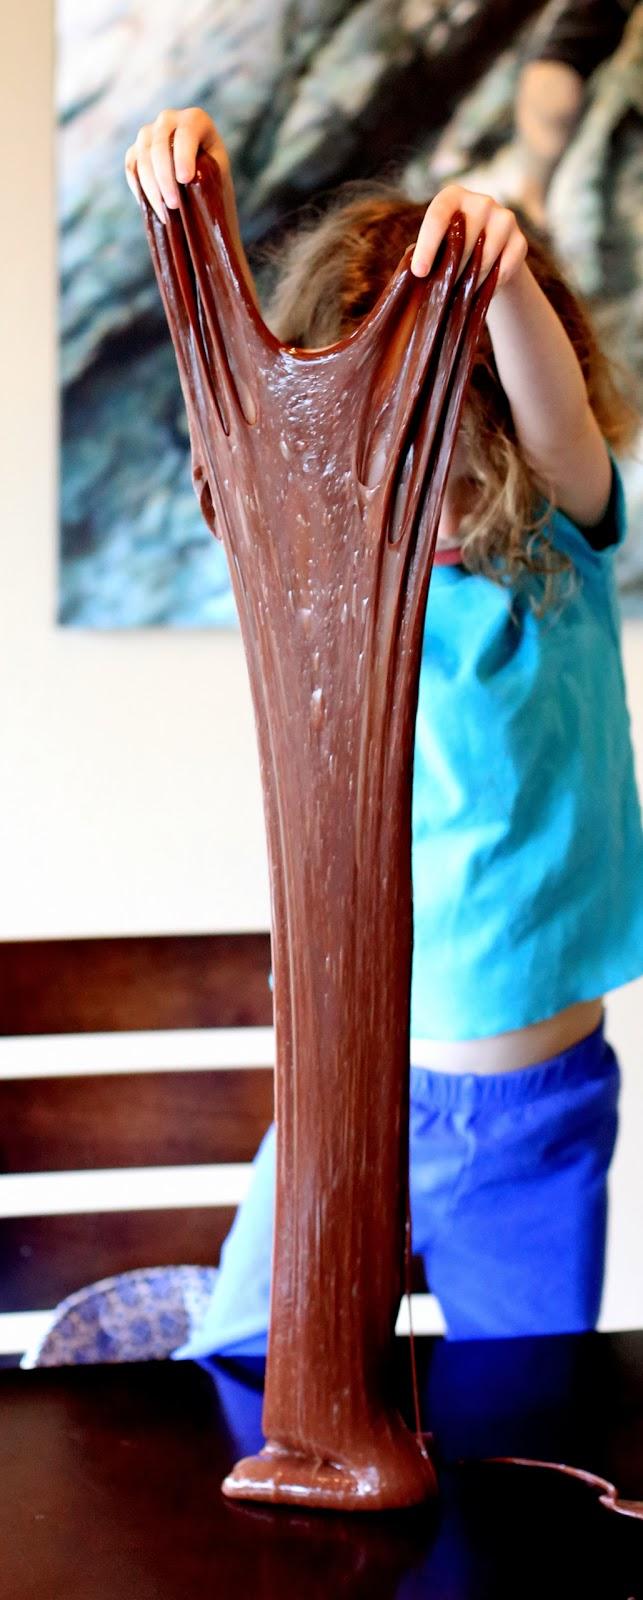 Лизун с ароматом шоколада-вытягивание субстанции вверх